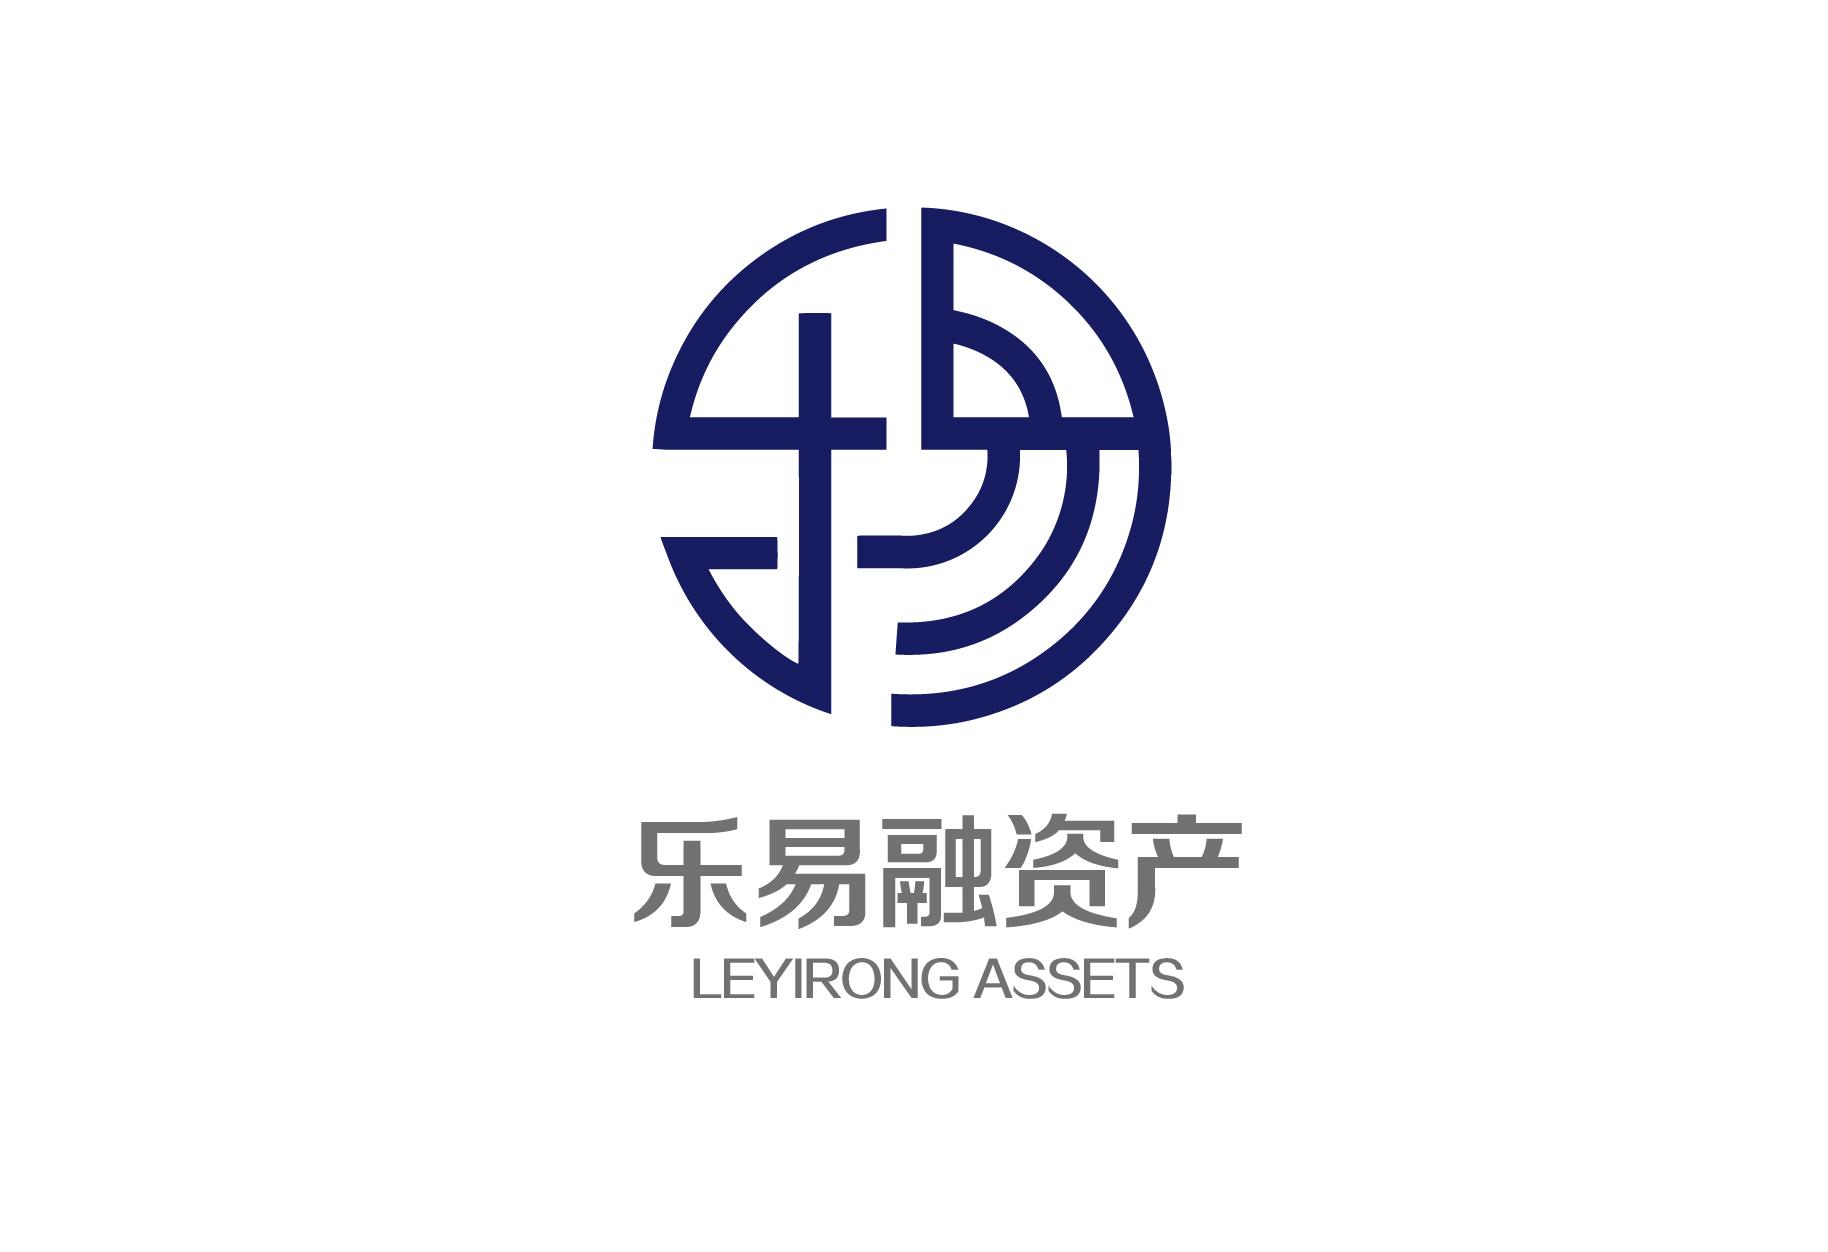 金融公司logo设计